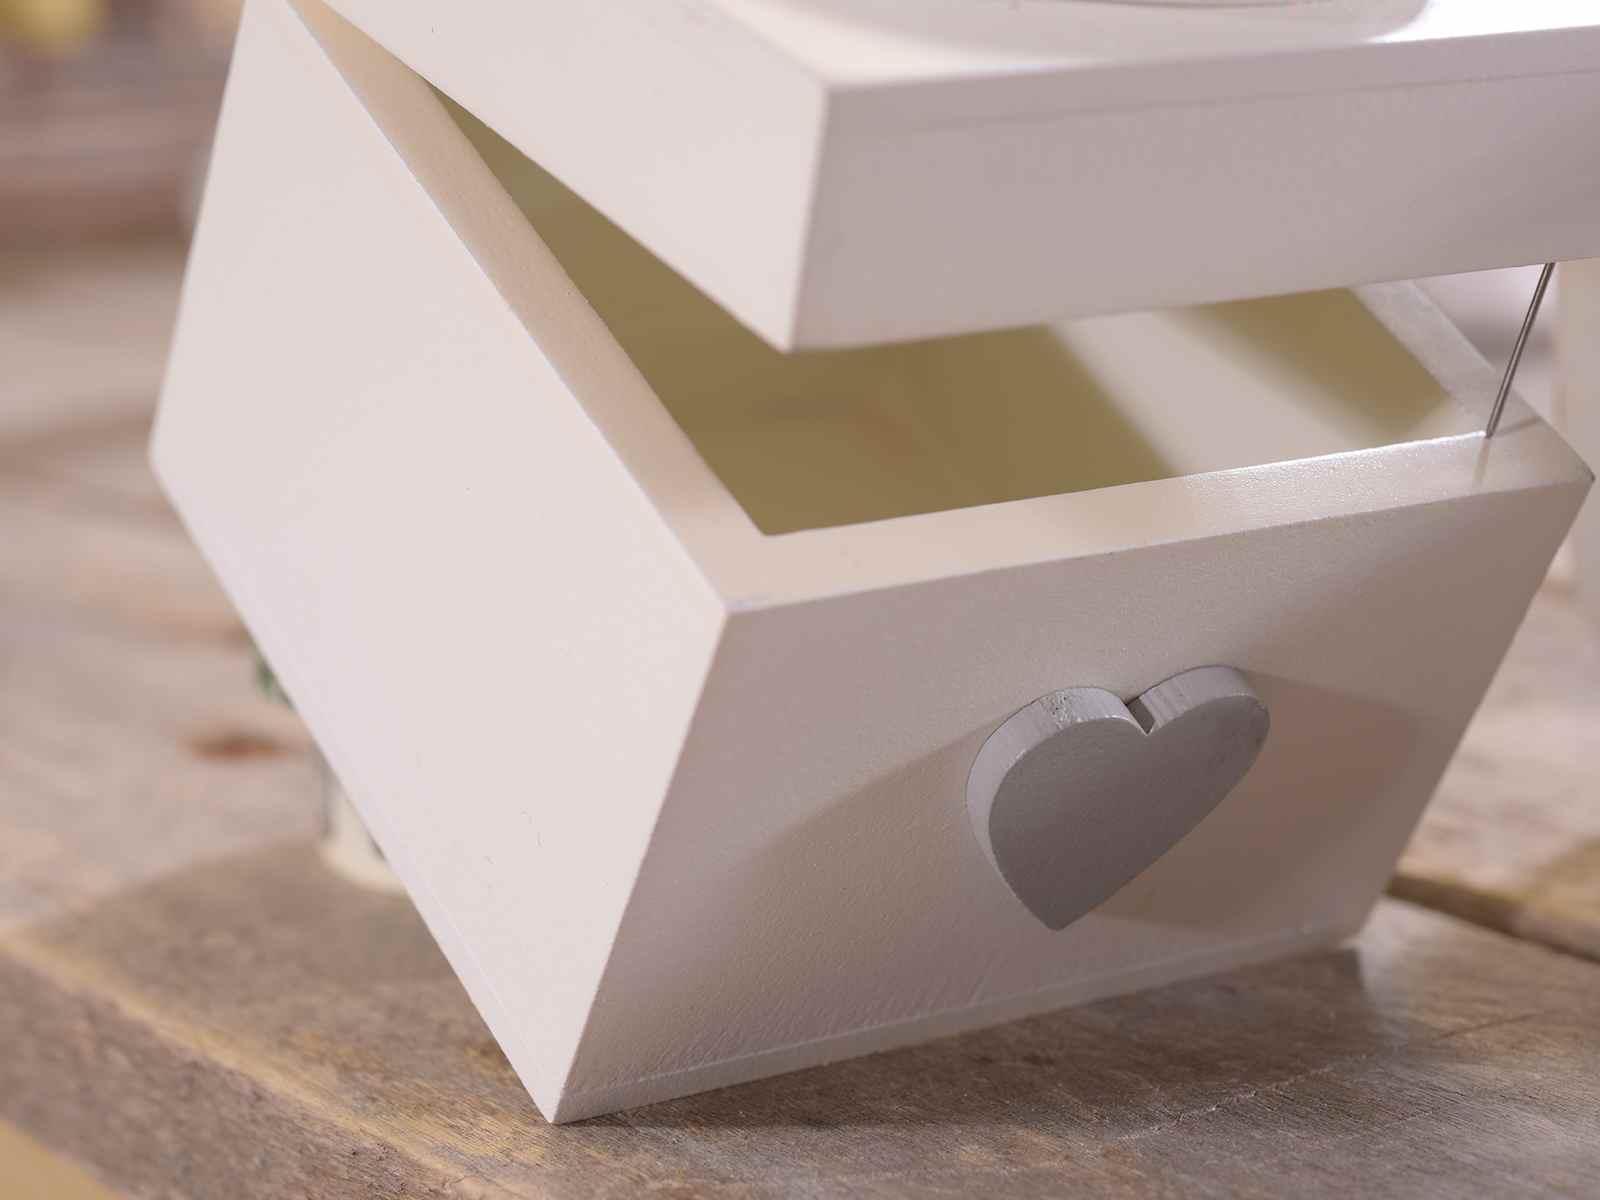 caja de madera con tapa decorada con gallina - Cajas De Madera Decoradas